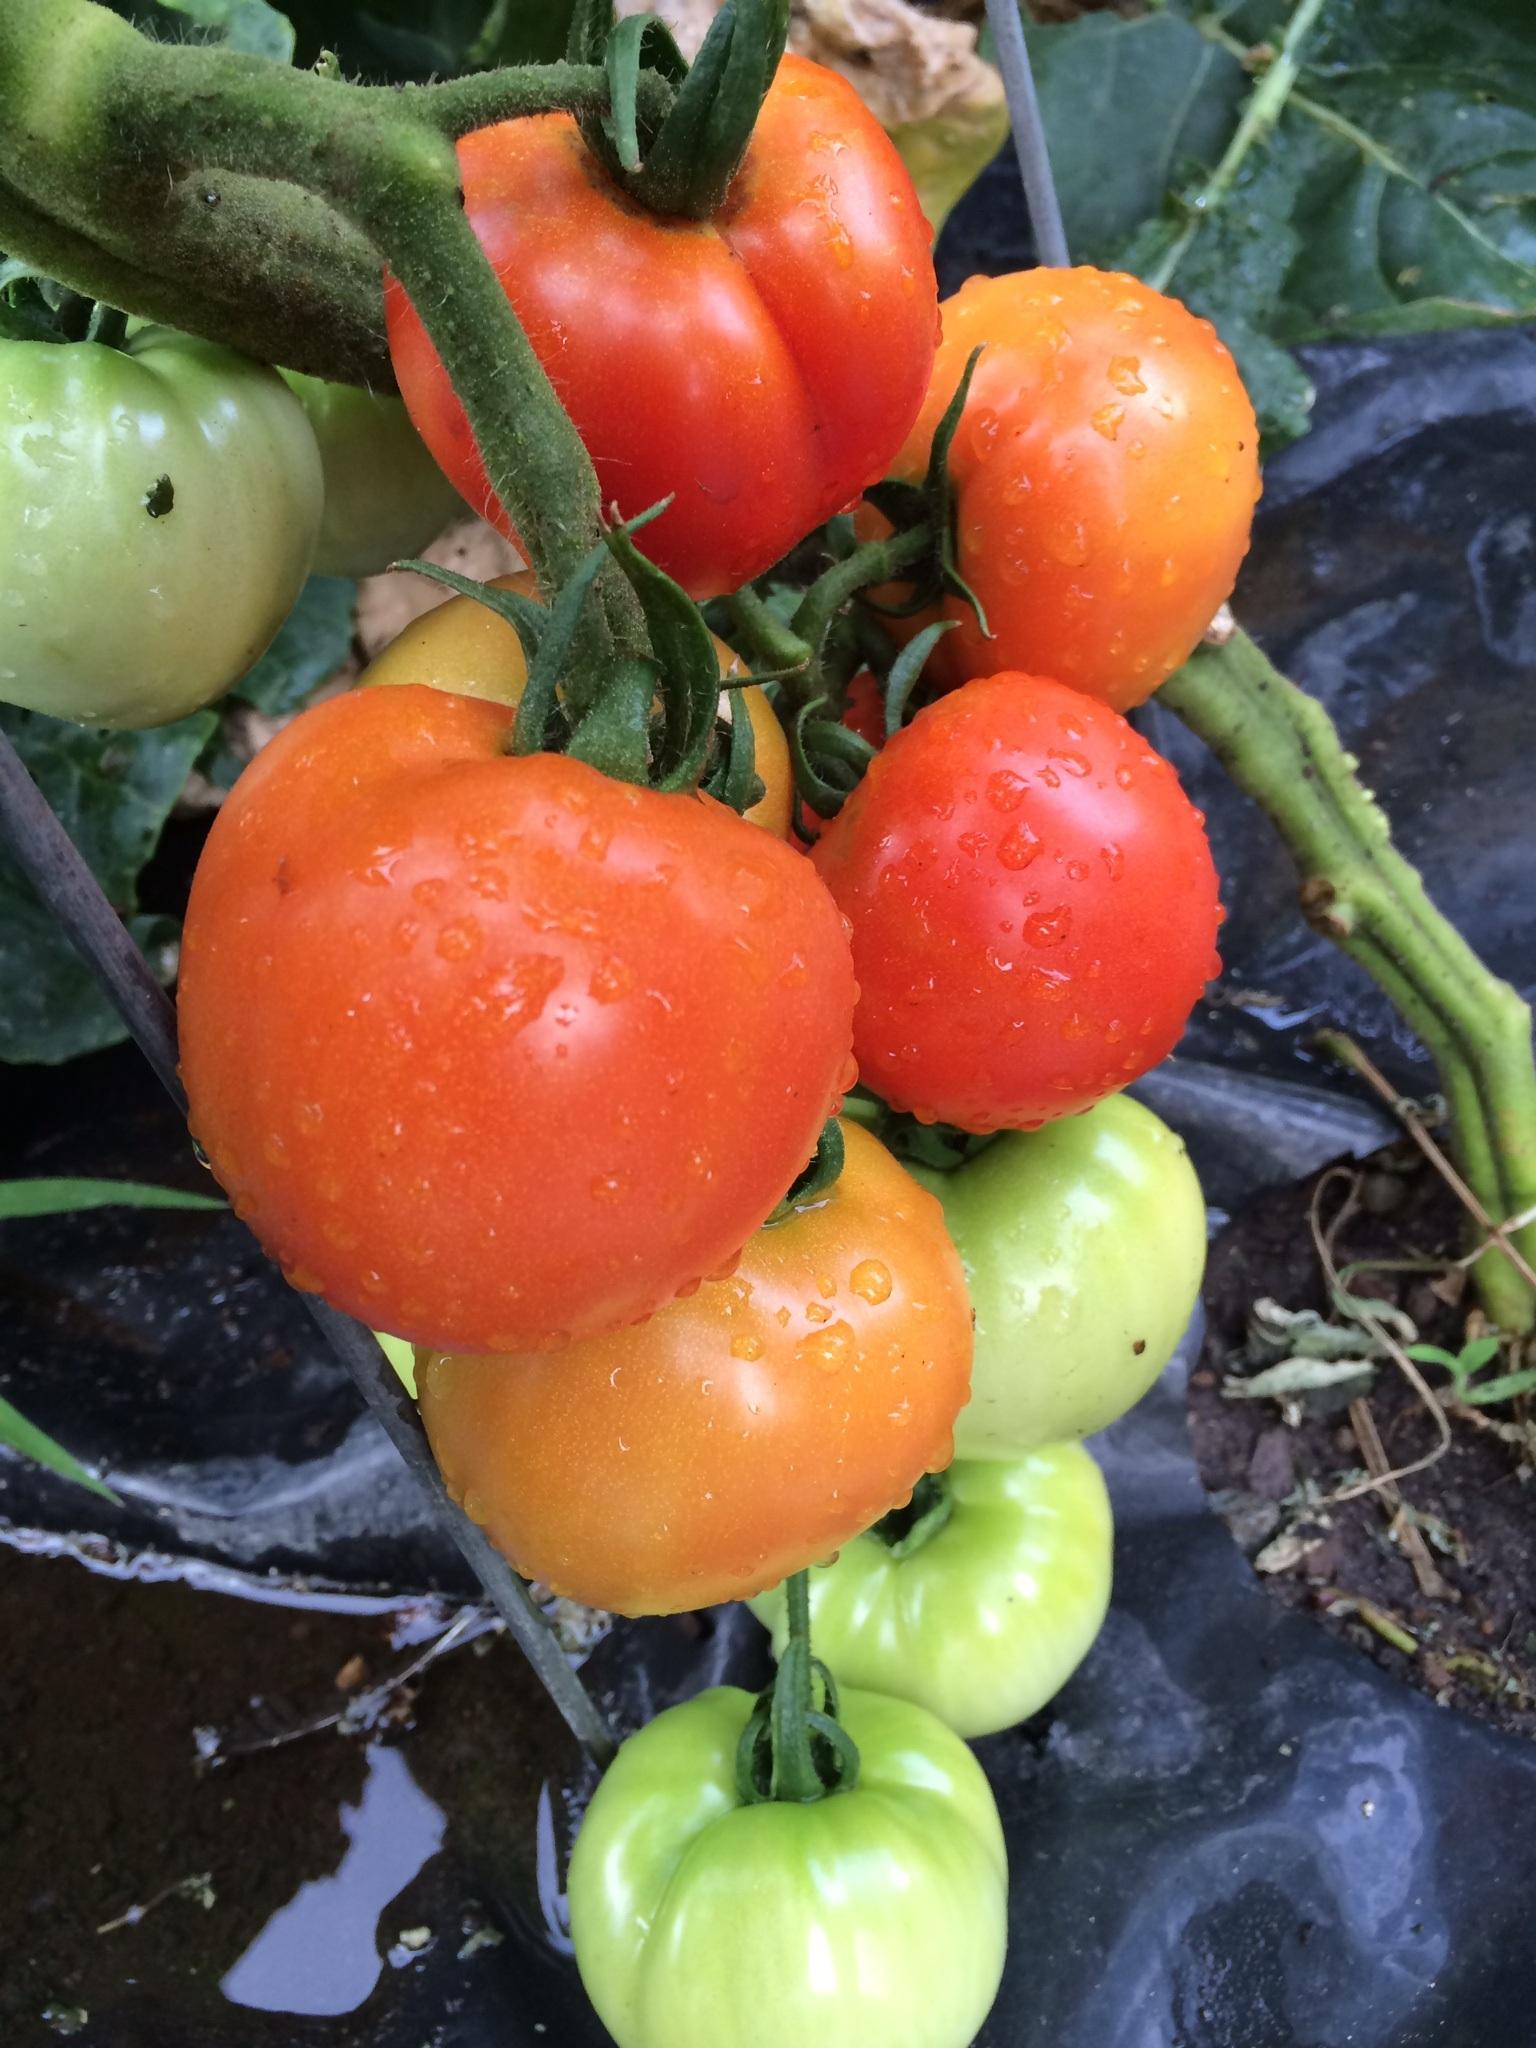 Kartoffel Bilder Kostenlos kostenlose foto rebe frucht reif lebensmittel produzieren